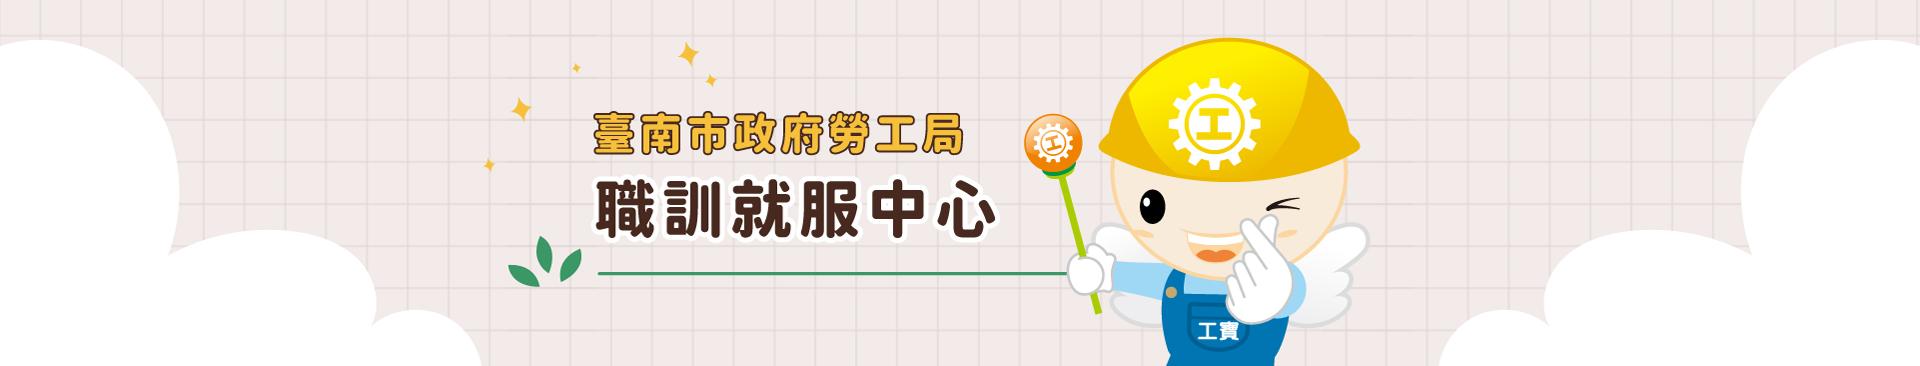 台南市政府勞工局職訓就服中心橫幅LOGO